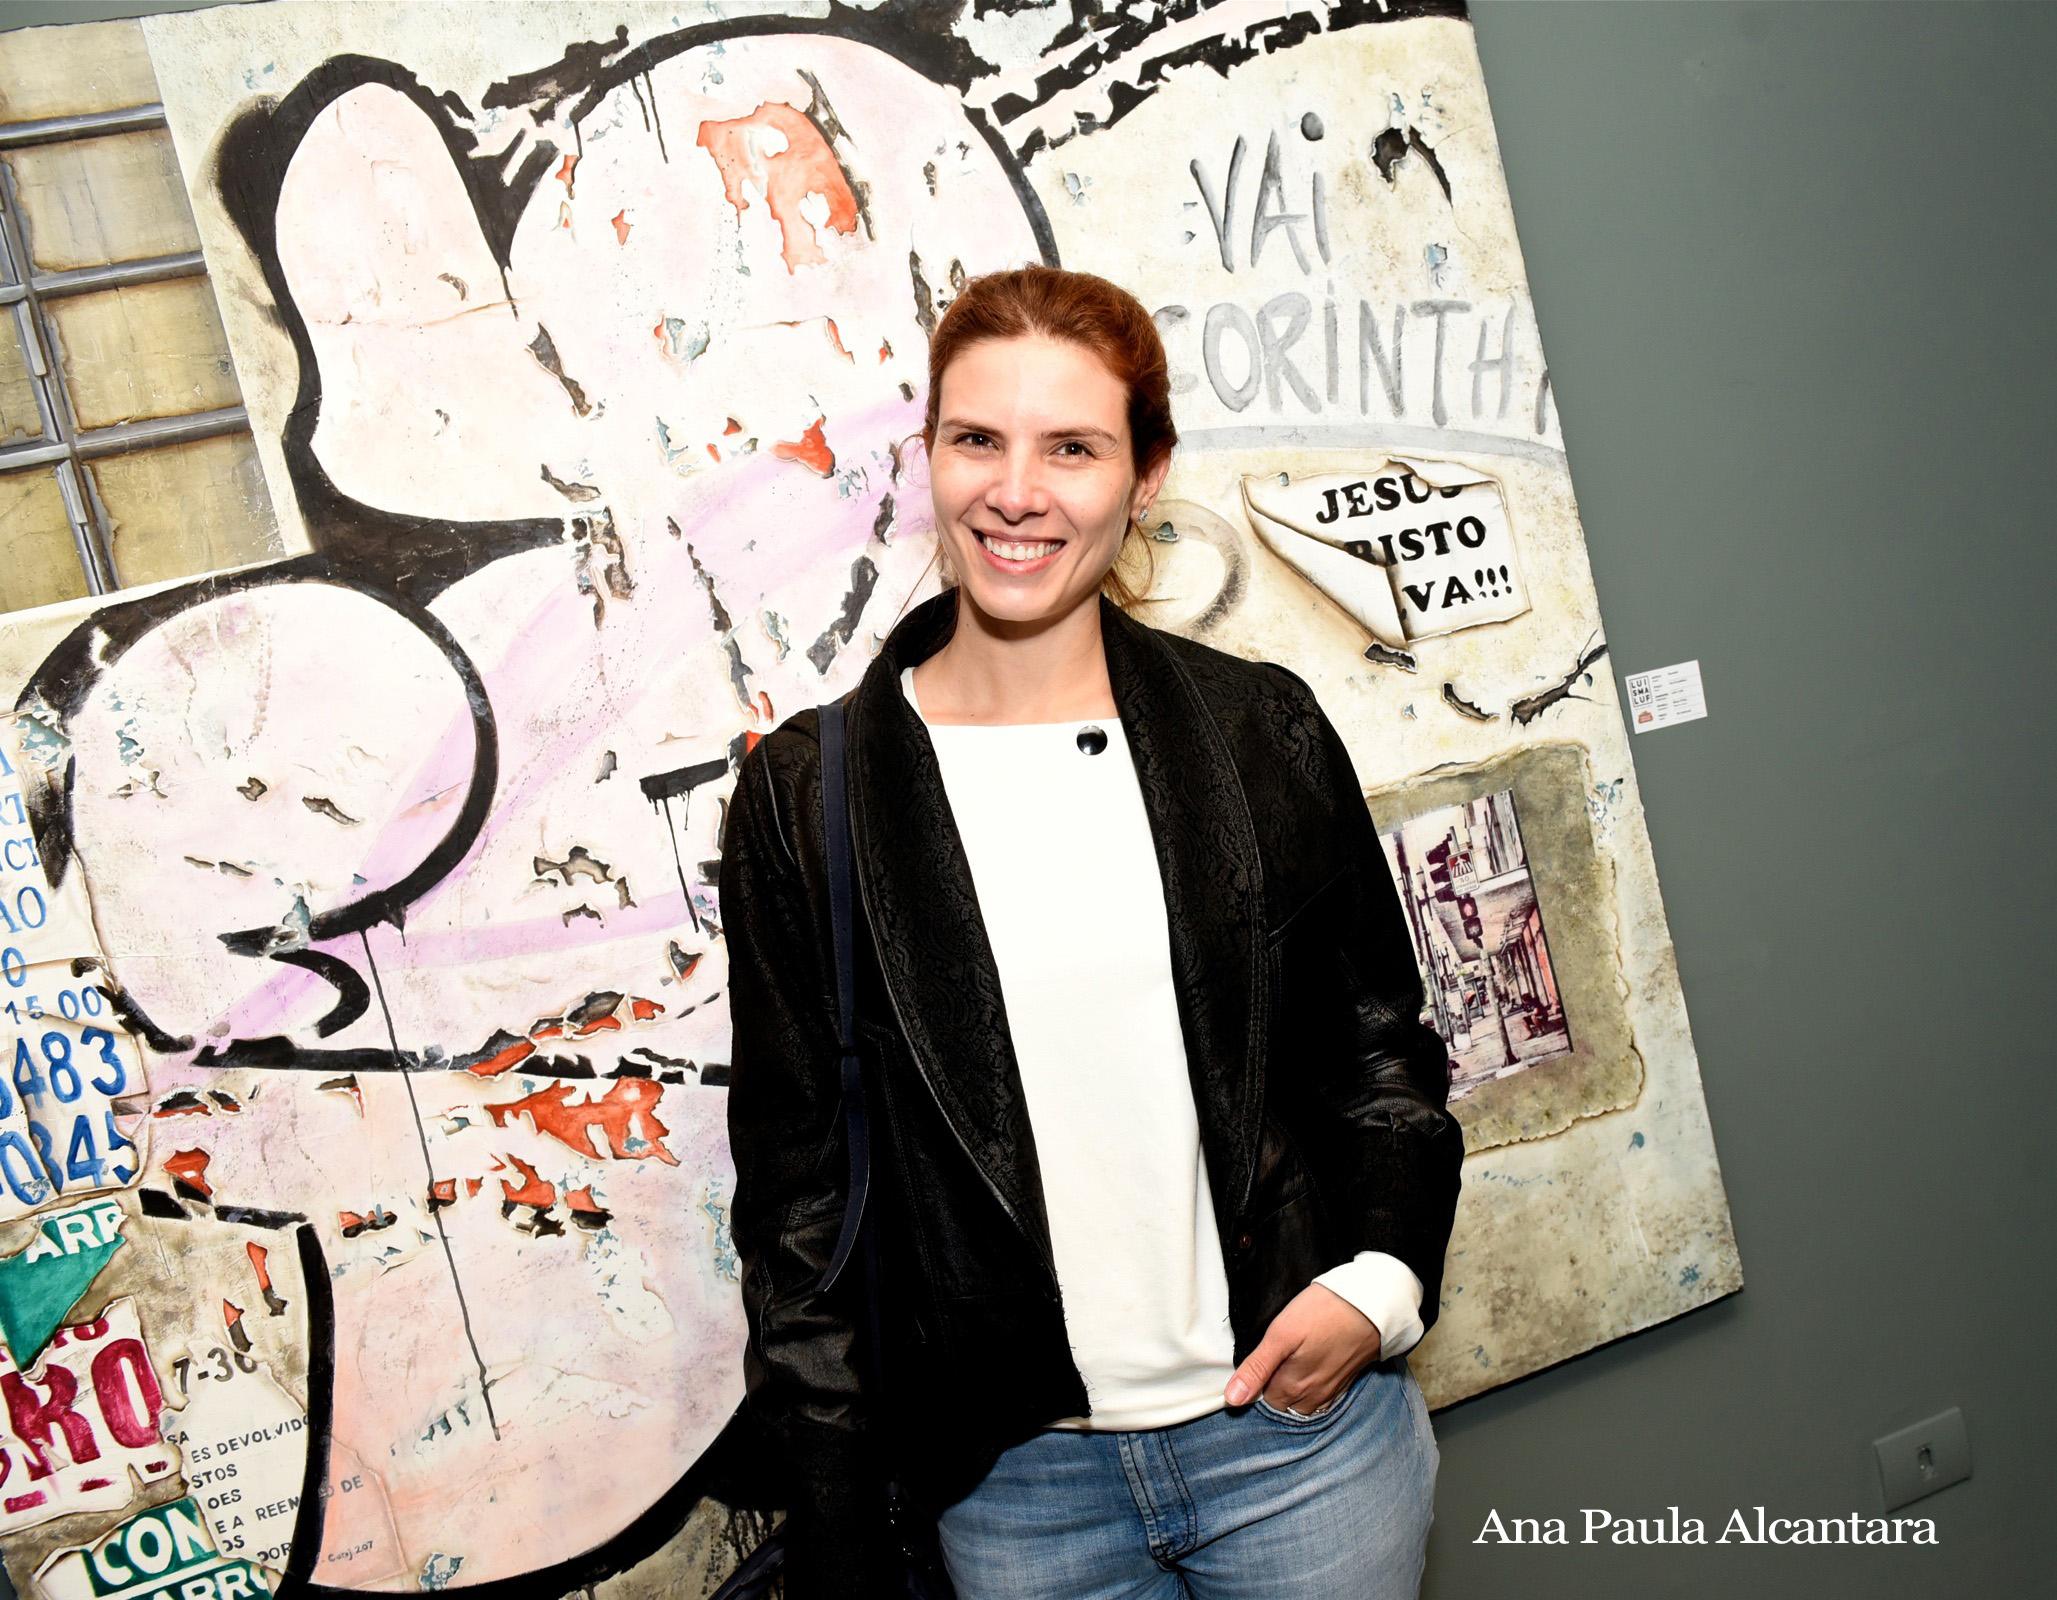 Ana Paula Alcantara